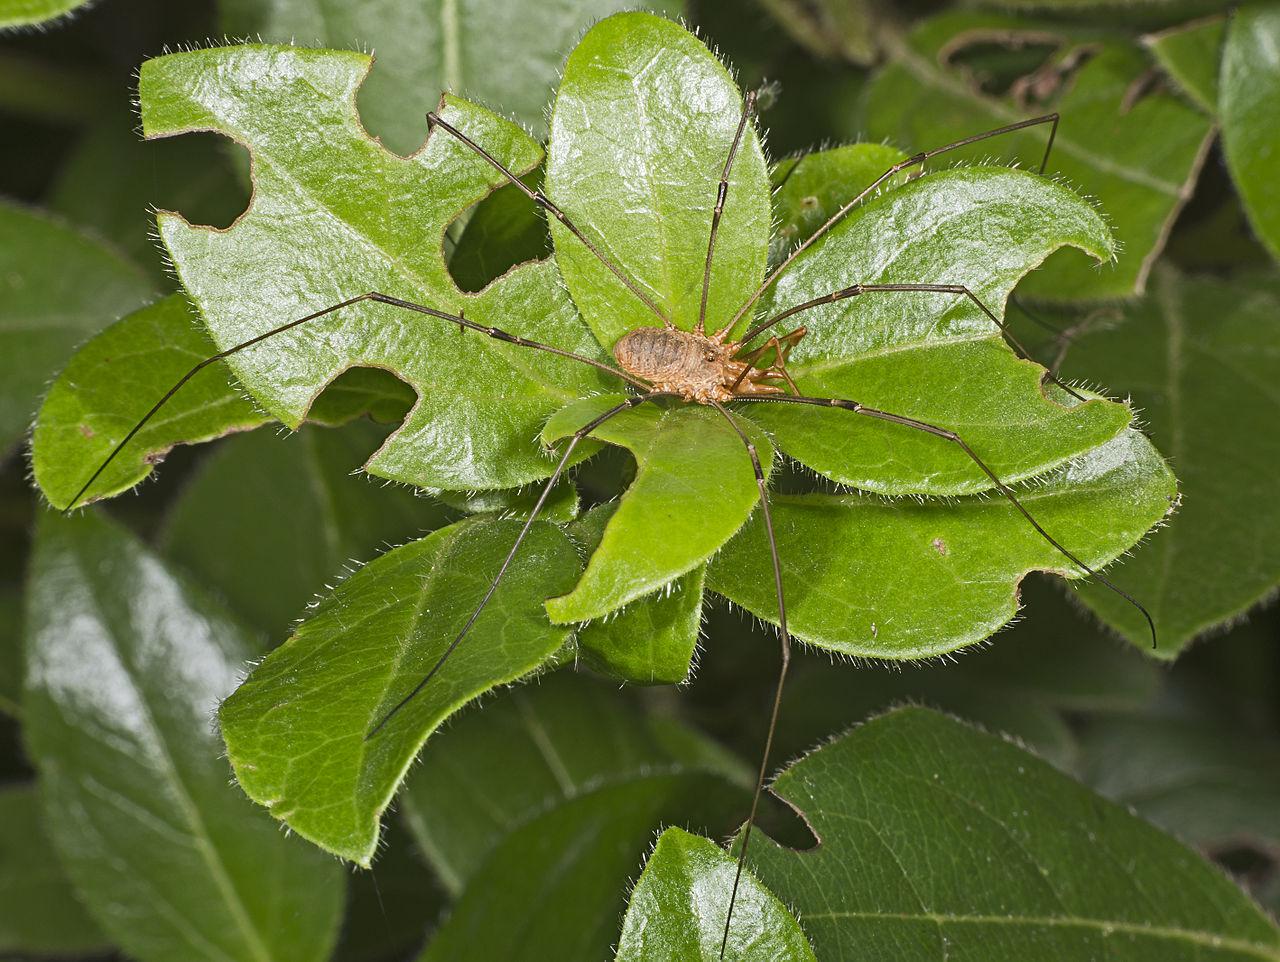 Kosec rožkatý (Phalangium opilio) - samček